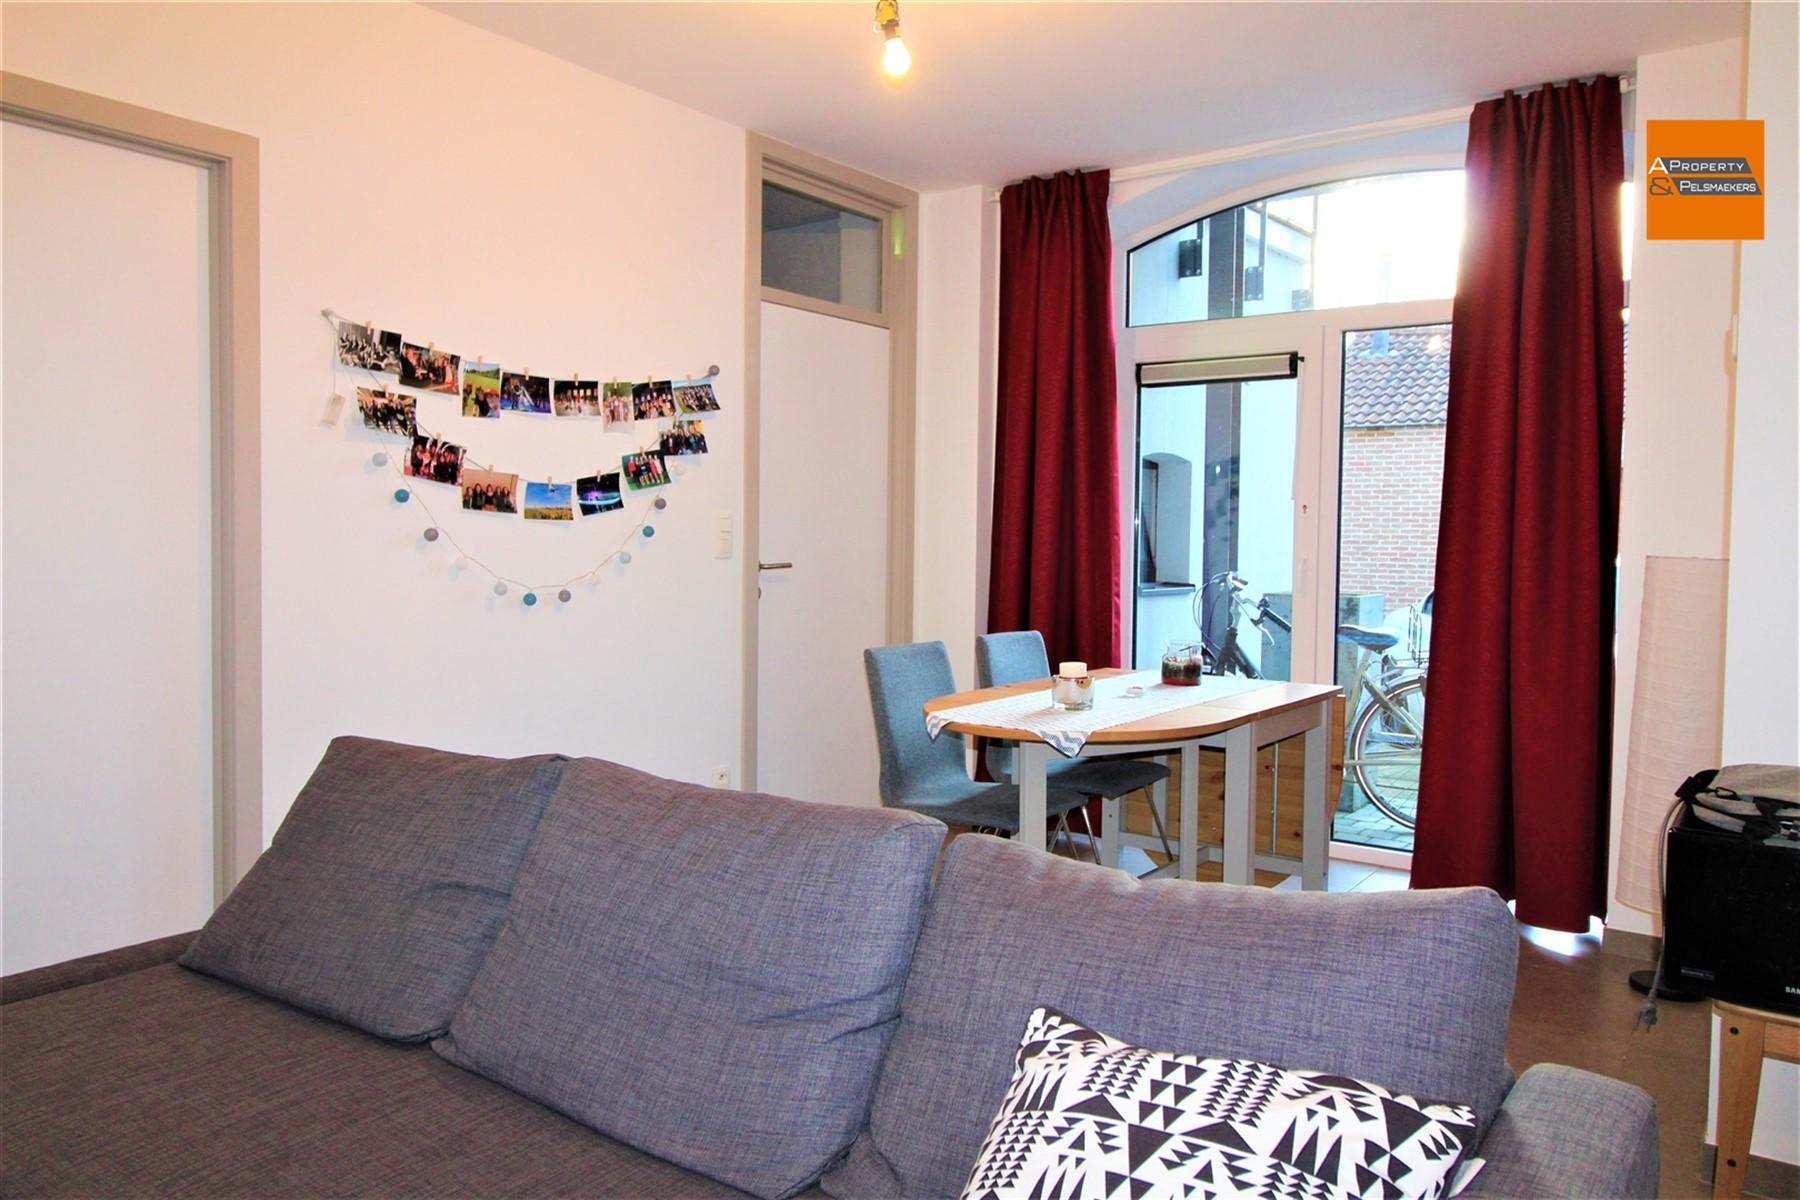 Foto 5 : Appartement in 3272 Testelt (België) - Prijs € 184.000